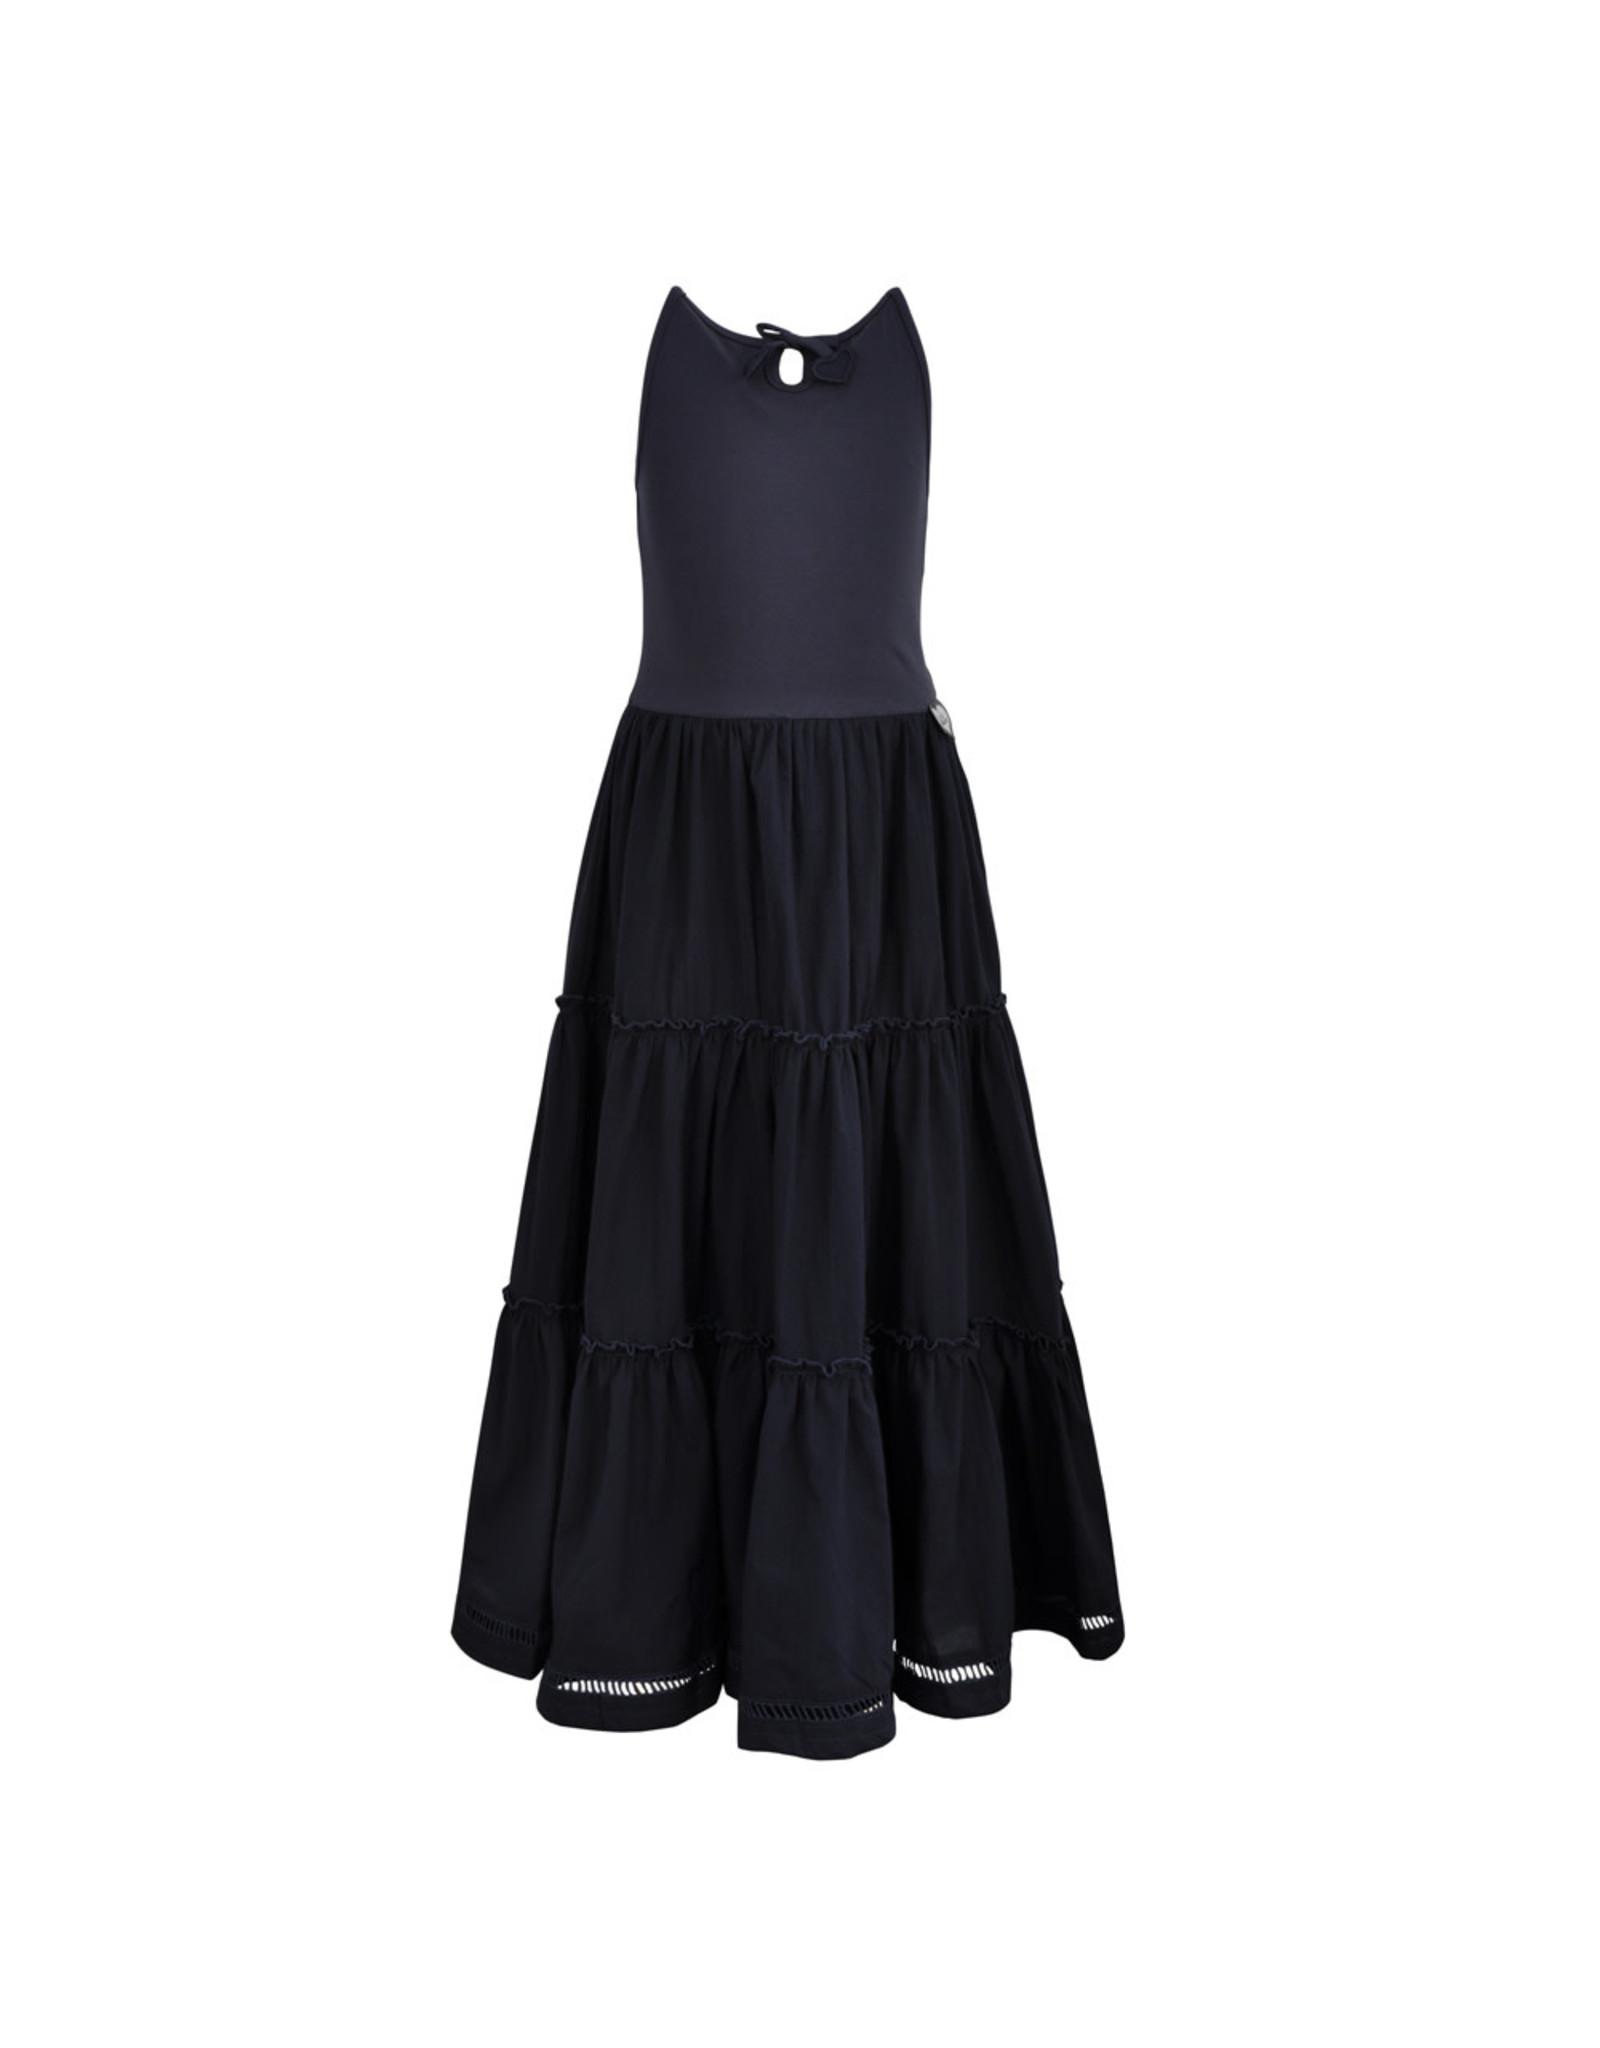 LoFff Loff meiden mouwloze jurk maxi Dark Blue